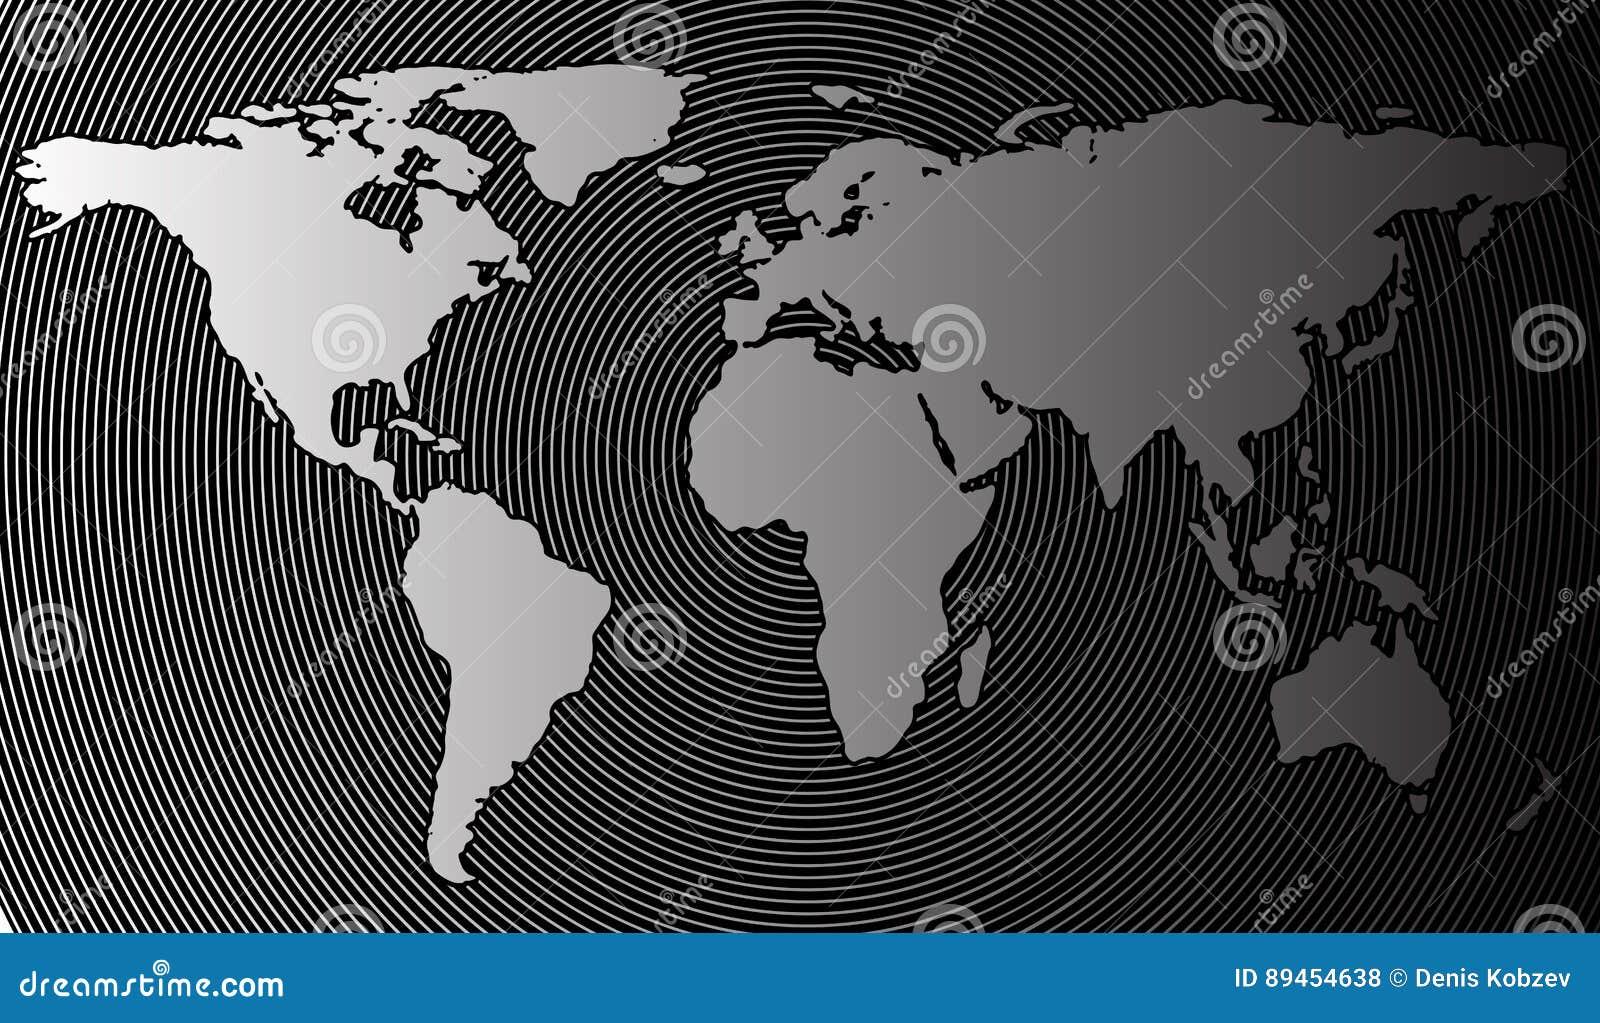 Abstrakt världskarta på en bakgrund av cylindriska cirklar Vektorillustration i halvton